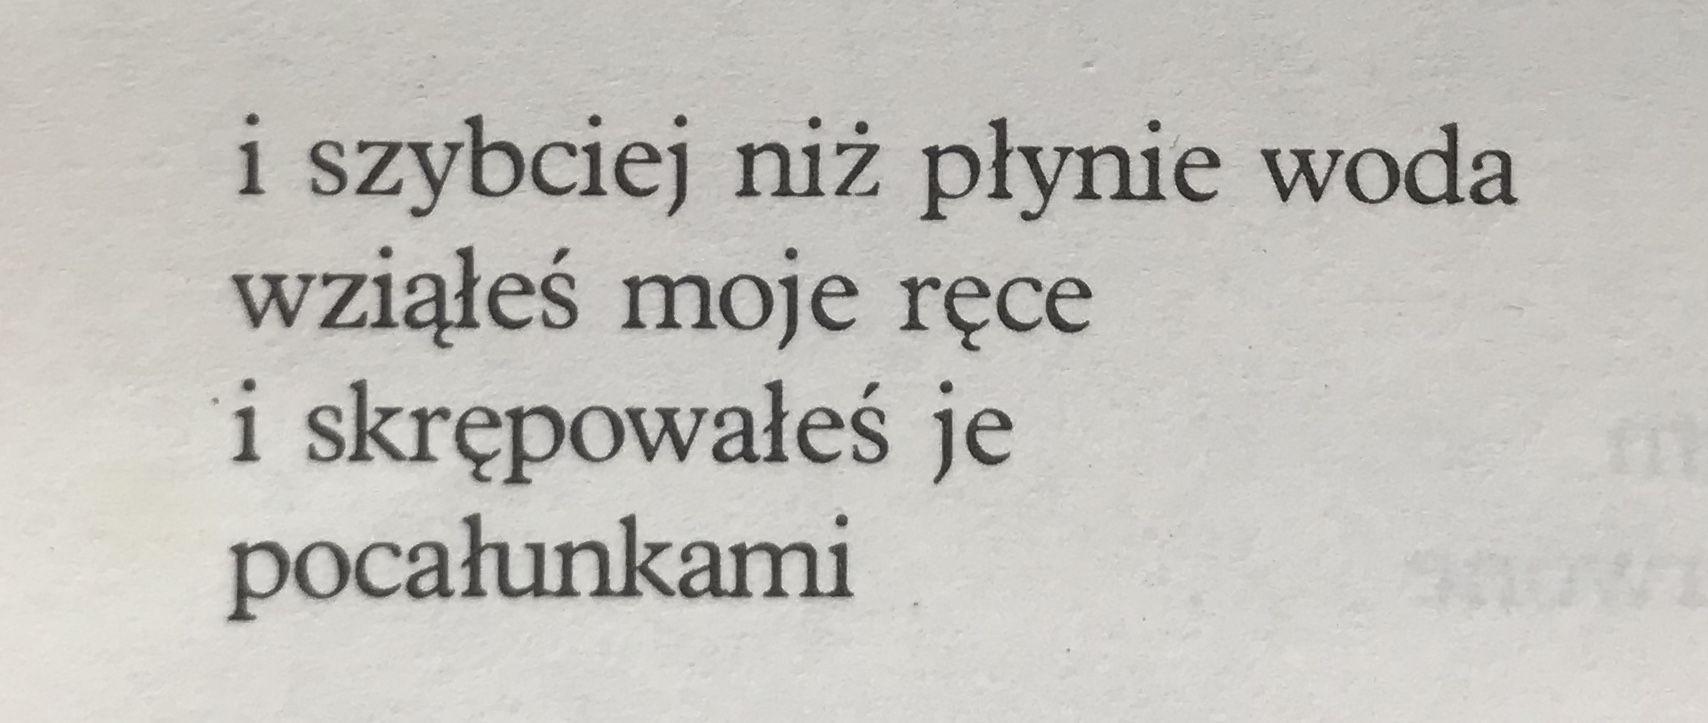 Wiersze Poswiatowska Poemoftheday Czytanki Nels Wiersze